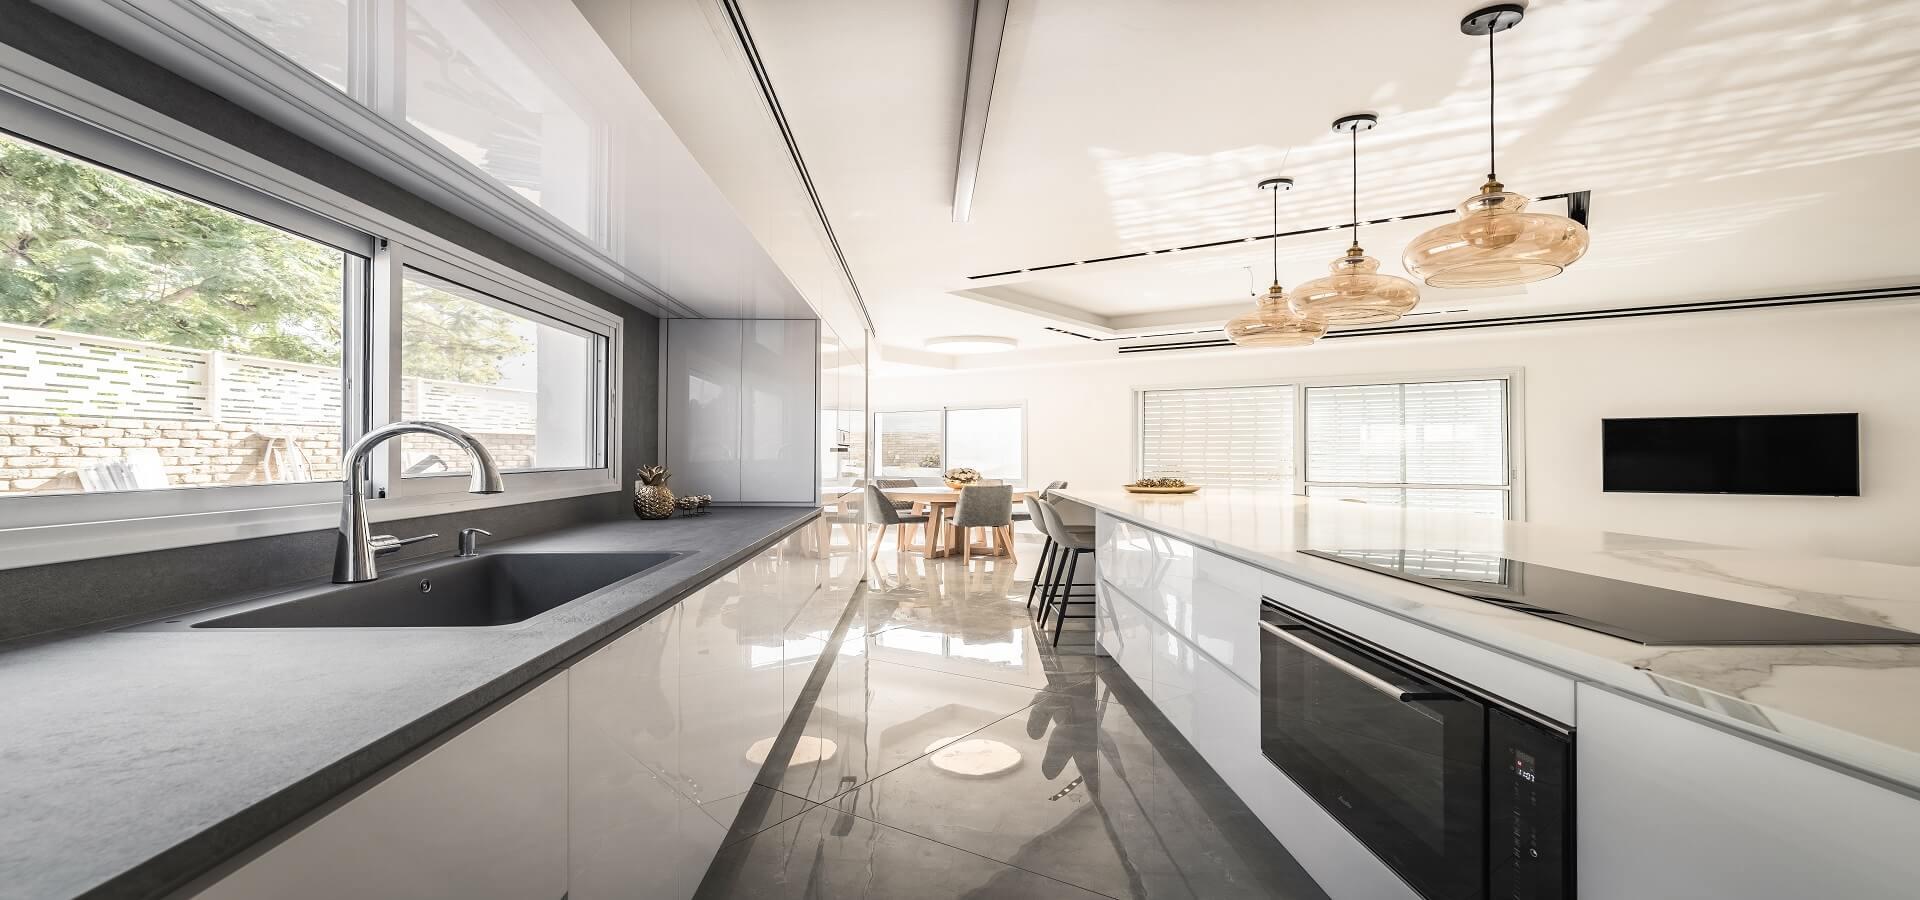 שיש איציק שיש יוקרה למטבחים דגמי 2021